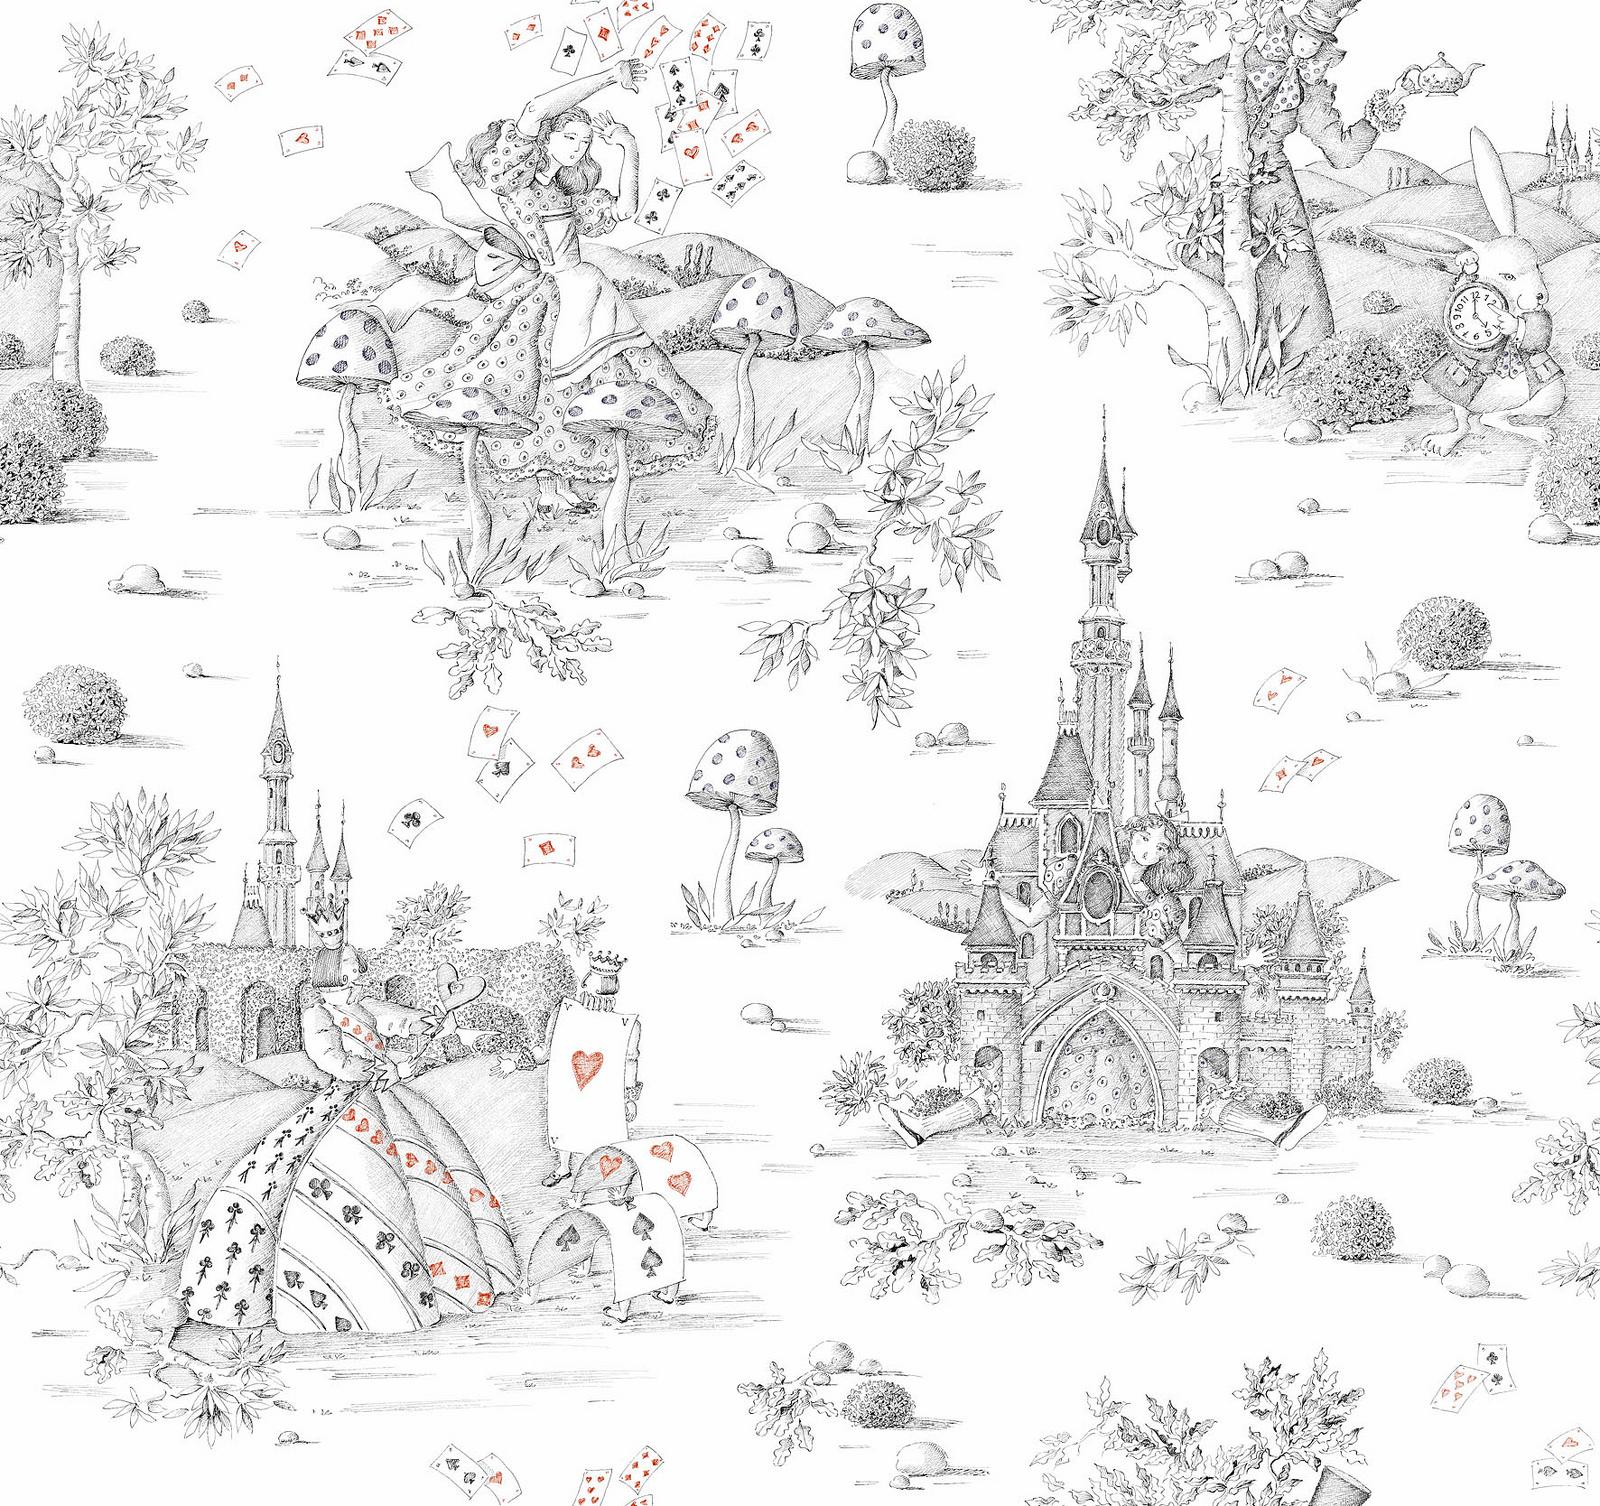 Tissu d'ameublement Toile de Jouy Collection Au Pays Des Merveilles Thevenon